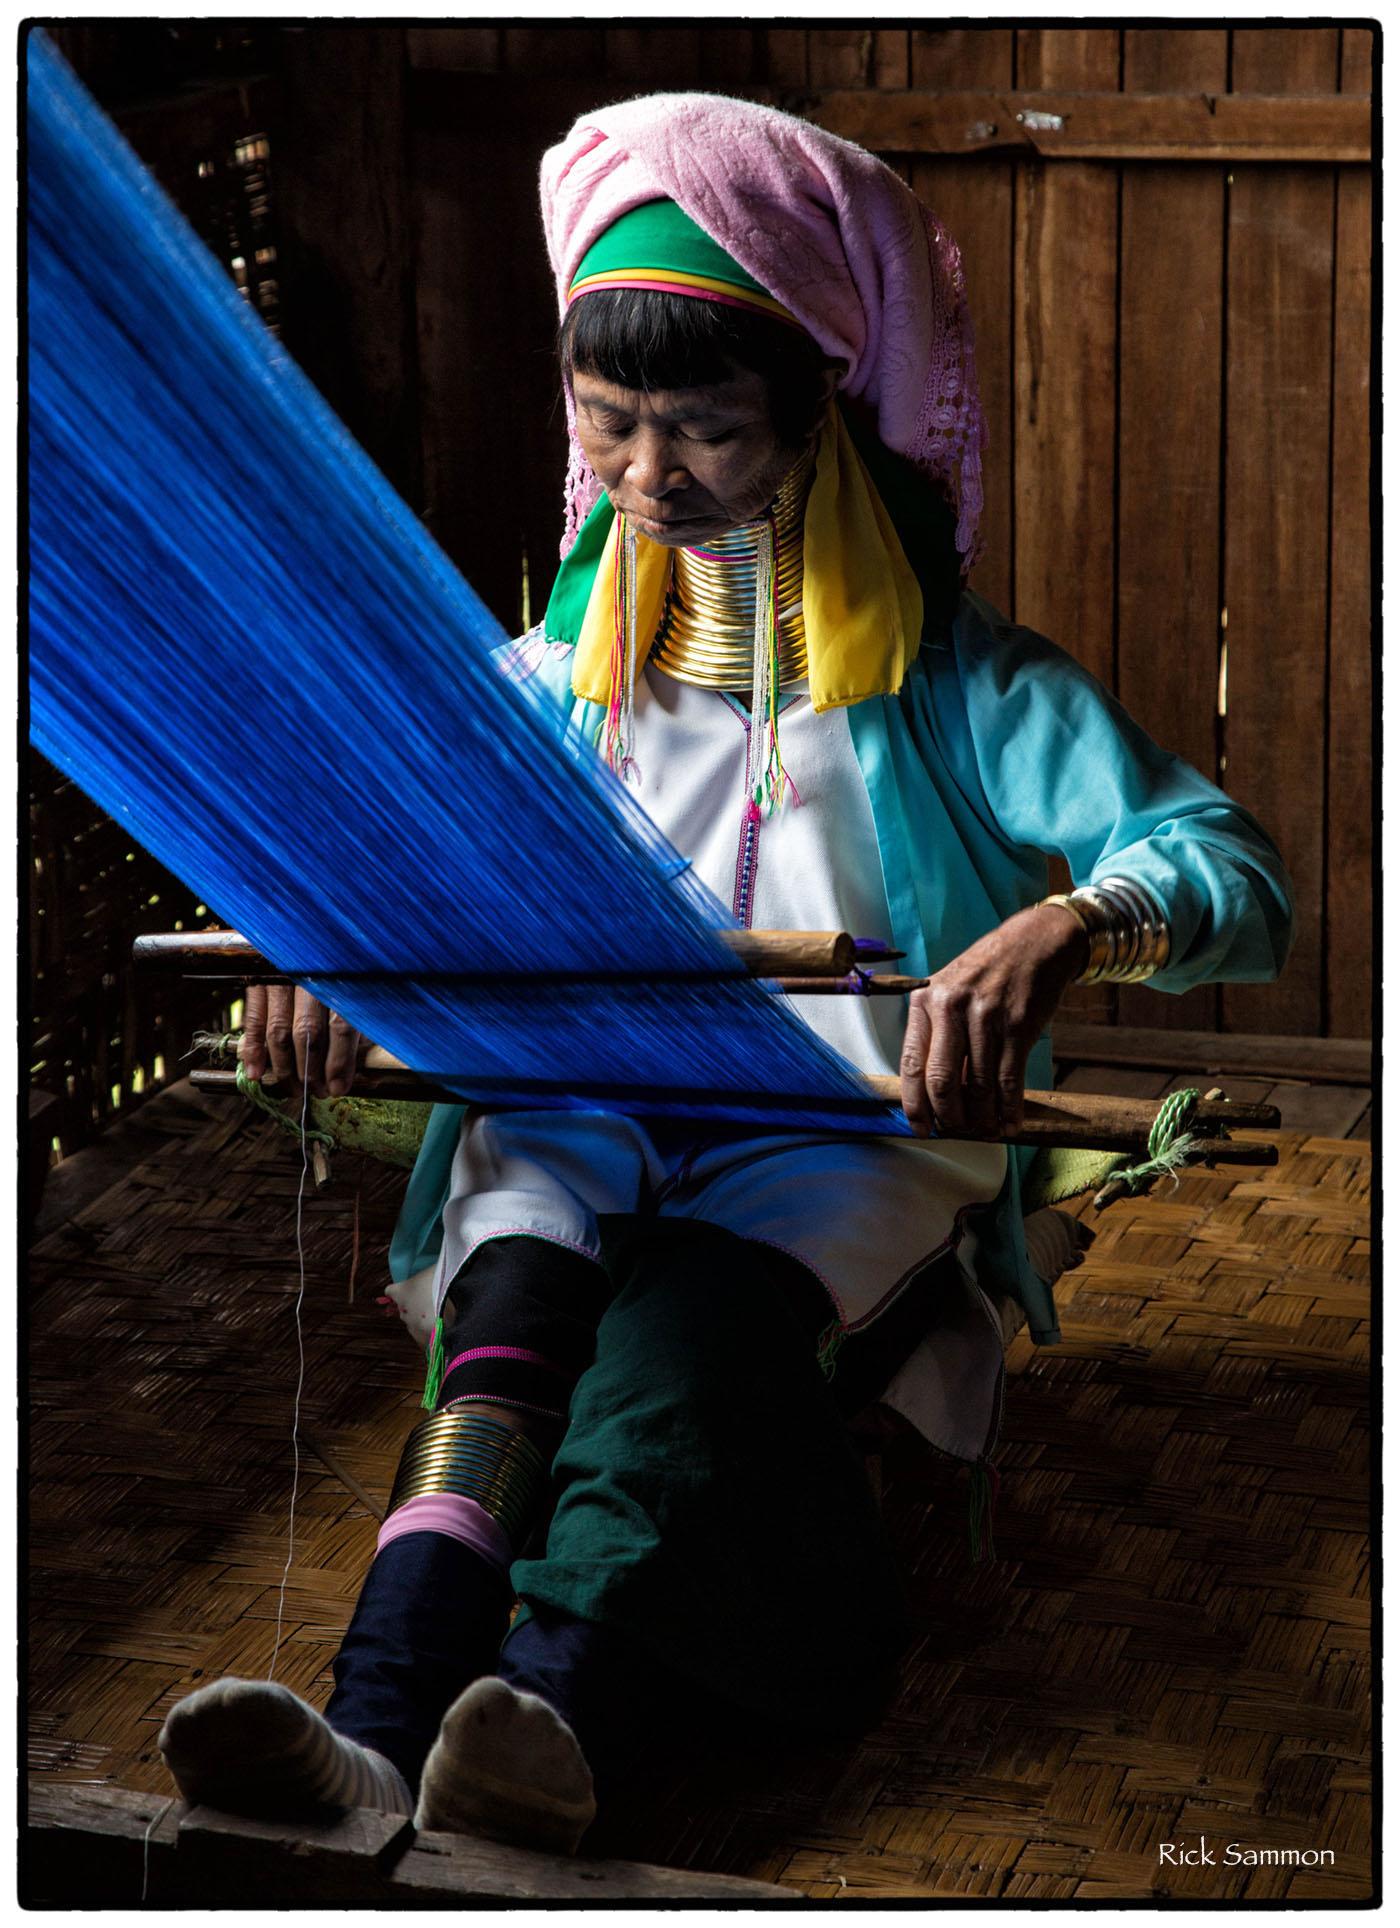 Rick Sammon Myanmar 8.jpg